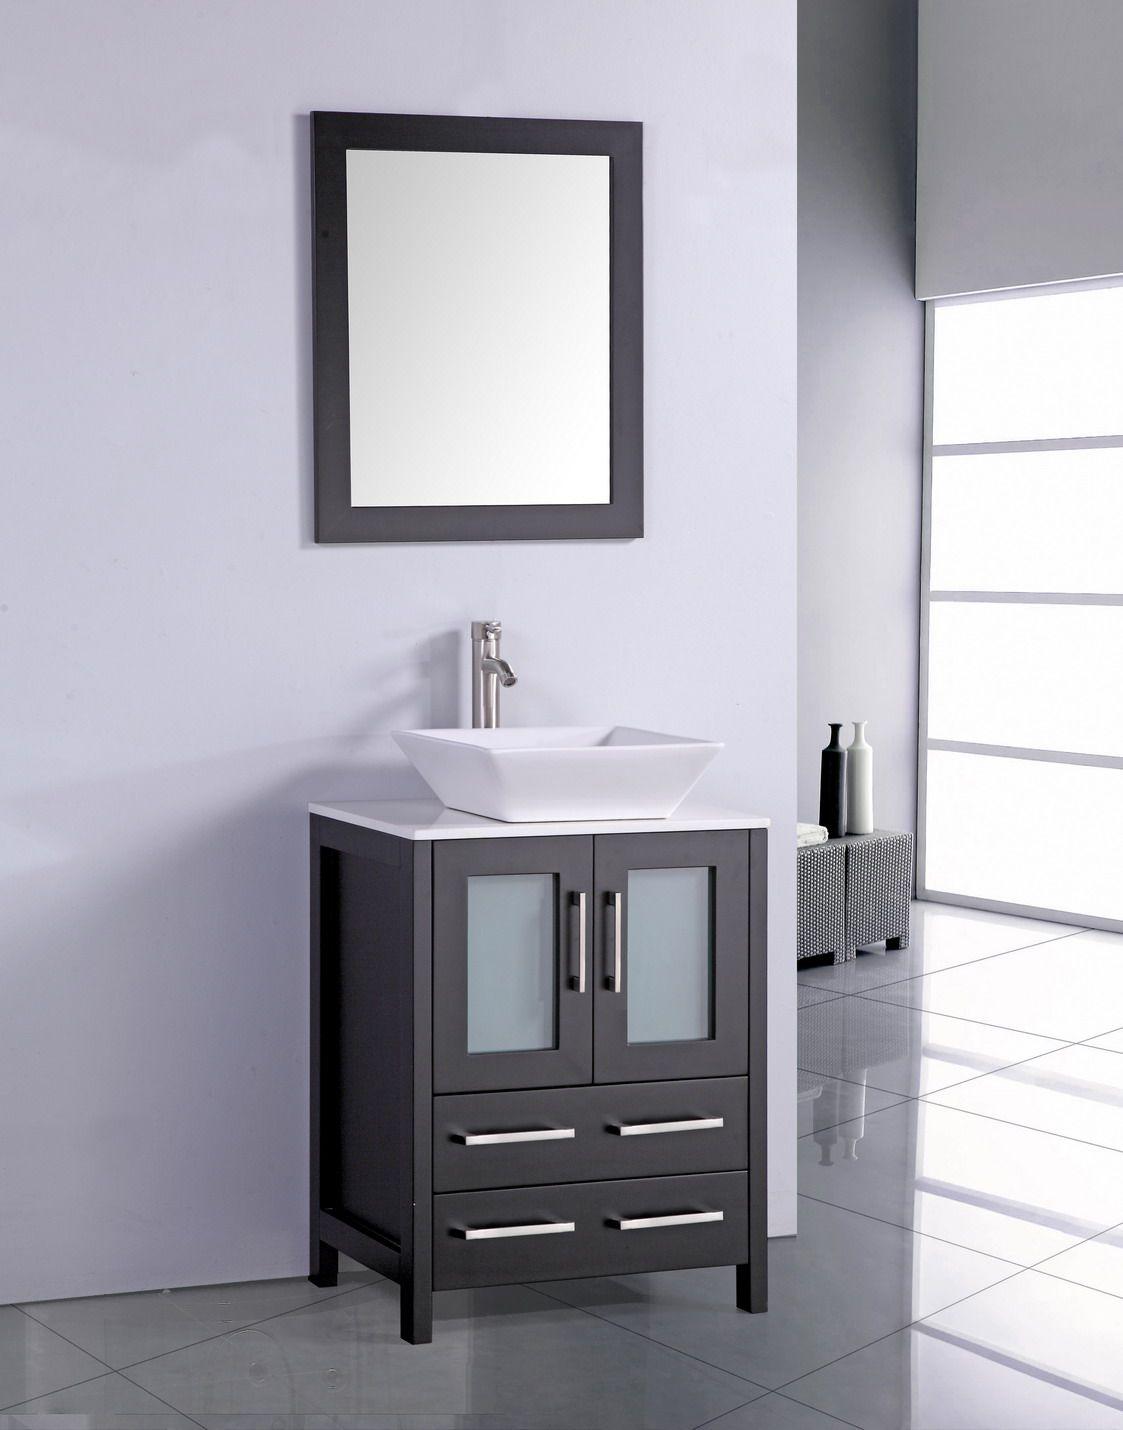 Legion 24 Inch Modern Vessel Sink Bathroom Vanity Espresso Finish